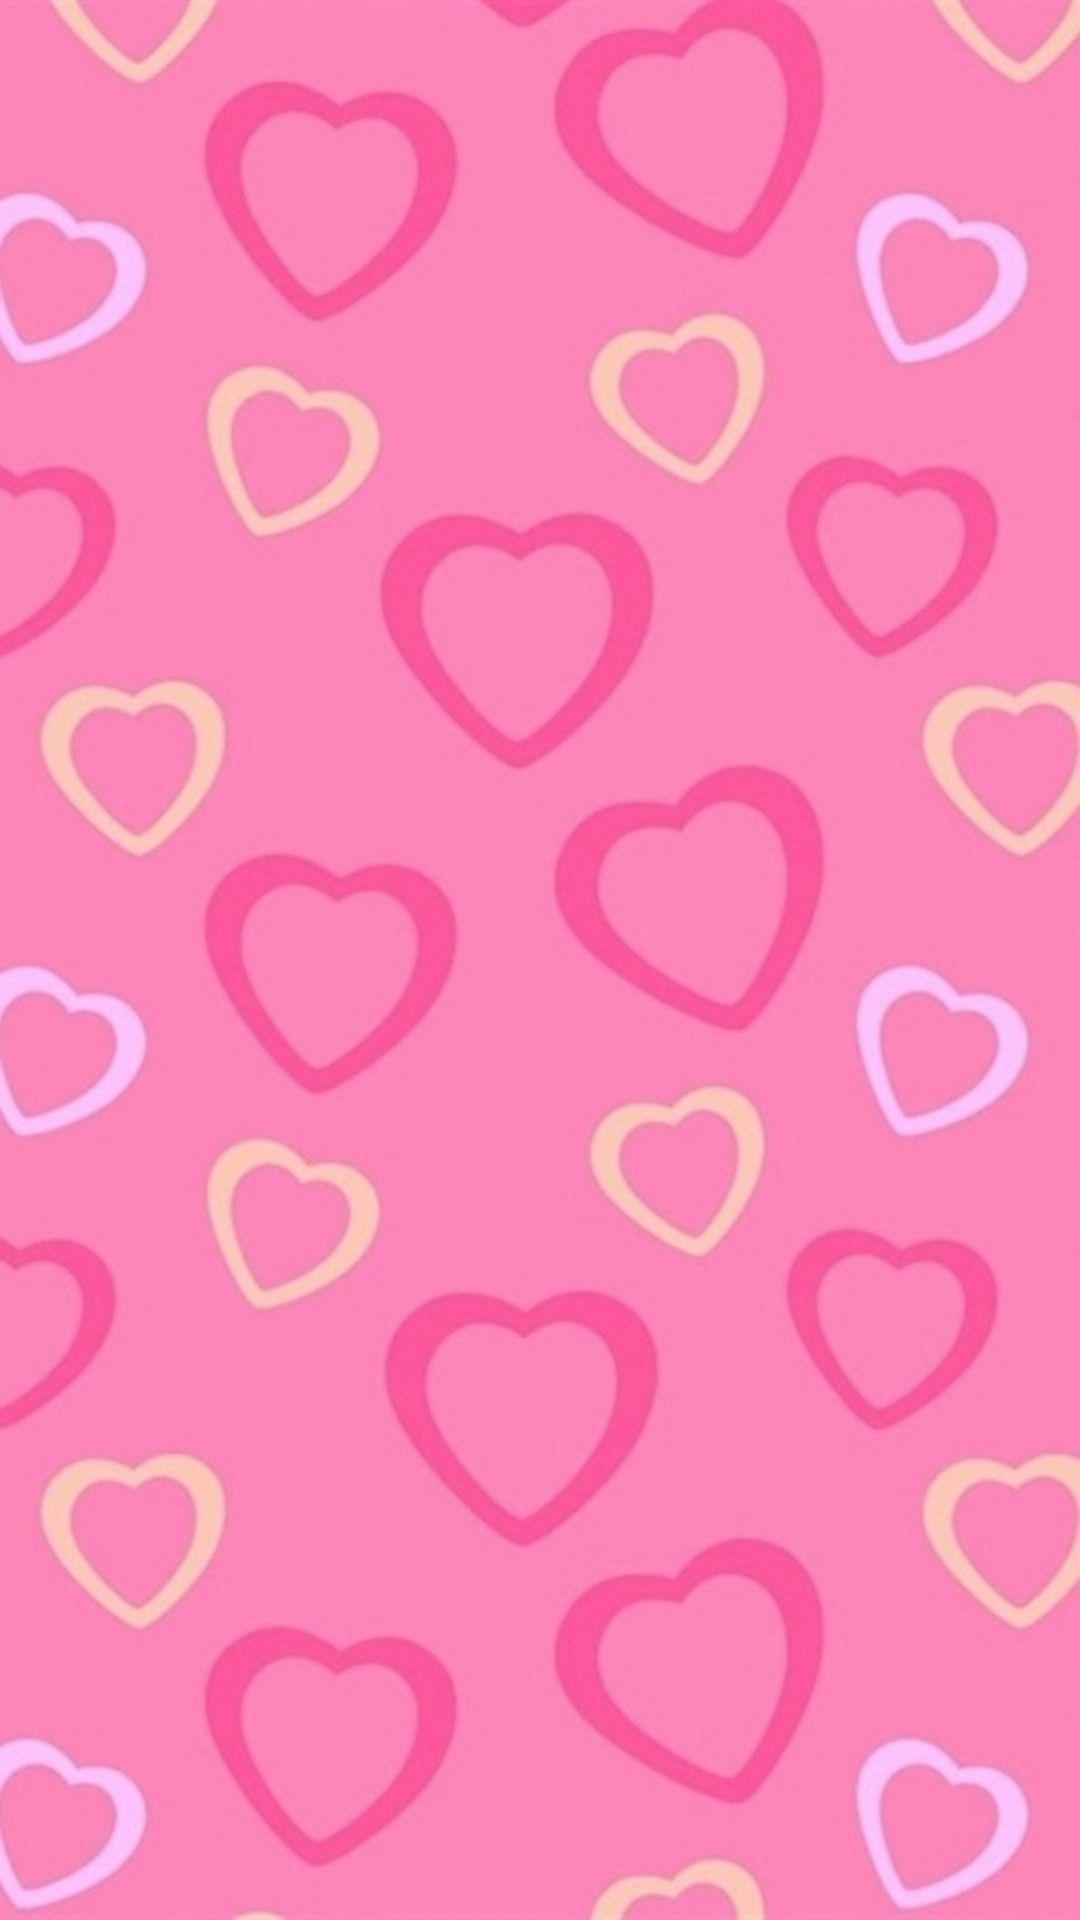 Neon Love Galaxy Wallpaper Androidwallpaper Iphonewallpaper Wallpaper Galaxy Sparkle Glitter Glitter Wallpaper Pink Glitter Wallpaper Love Pink Wallpaper